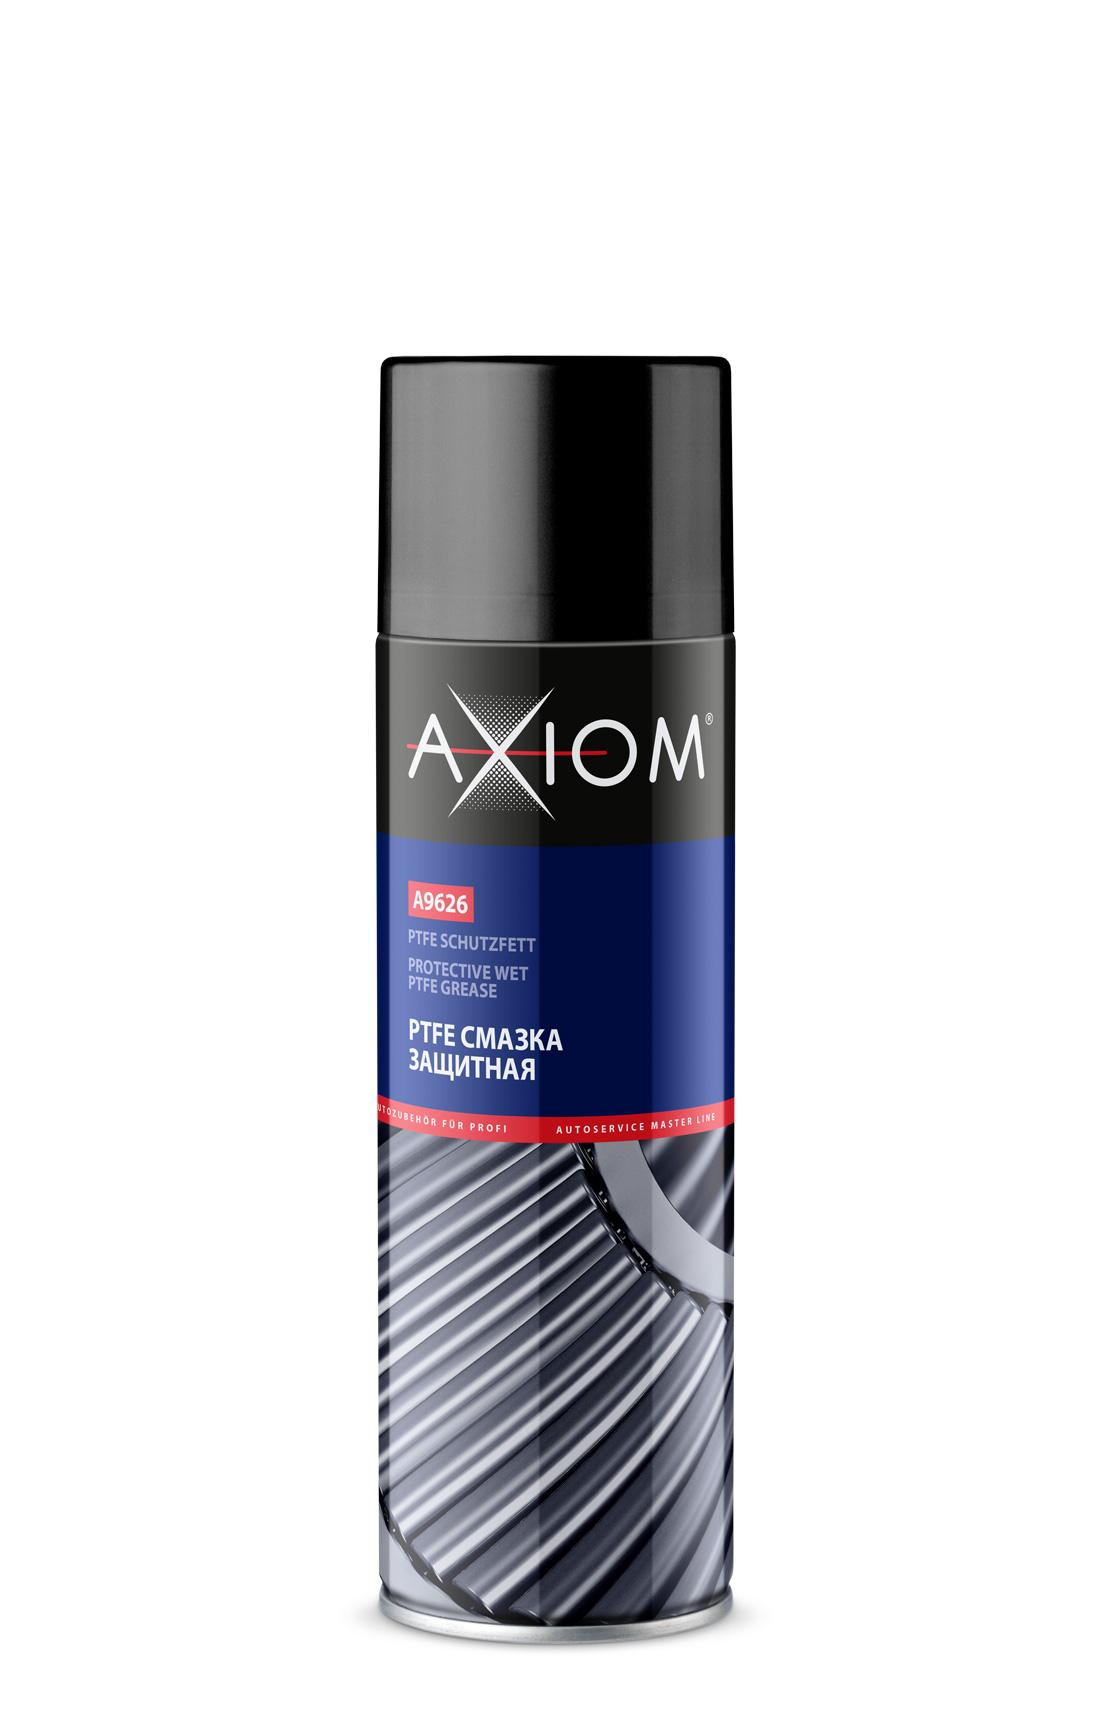 PTFE Смазка защитная 650 мл. AXIOM (A9626)